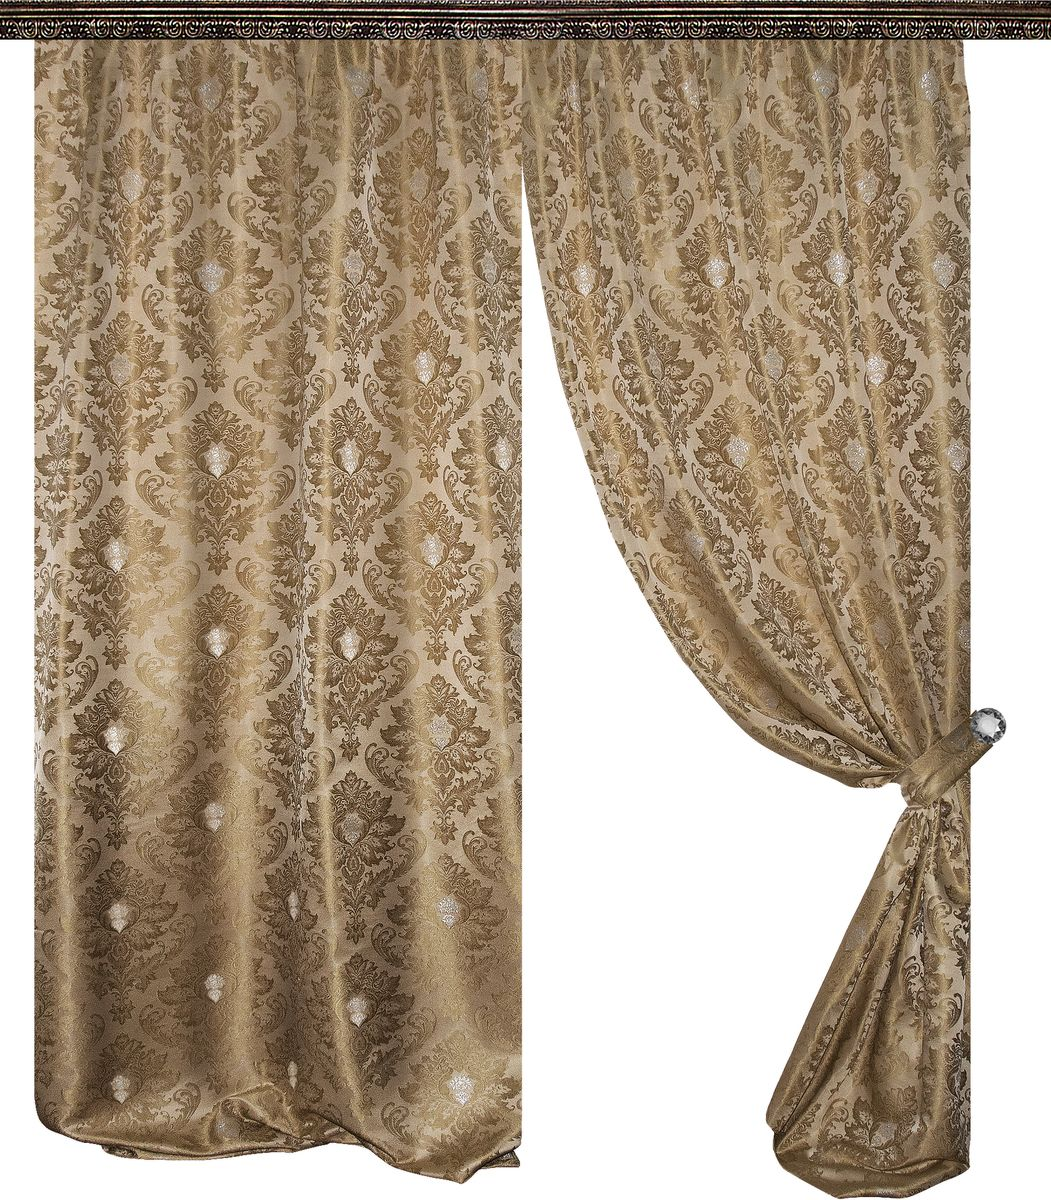 Комплект штор Zlata Korunka, на ленте, цвет: золотой, высота 270 см. 777006777006Роскошный комплект штор Zlata Korunka комплект состоит из двух штор и двух подхватов, выполненных из 100% полиэстера, которыевеликолепно украсит любое окно. Плотная ткань, оригинальный орнамент и приятная, приглушенная гамма привлекут к себе внимание и органично впишутся в интерьерпомещения.Комплект крепится на карниз при помощи шторной ленты, которая поможеткрасиво и равномерно задрапировать верх. Этот комплект будет долгое время радовать вас и вашу семью!В комплект входит:Штора: 2 шт. Размер (ШхВ): 145 см х 270 см.Подхват: 2 шт.